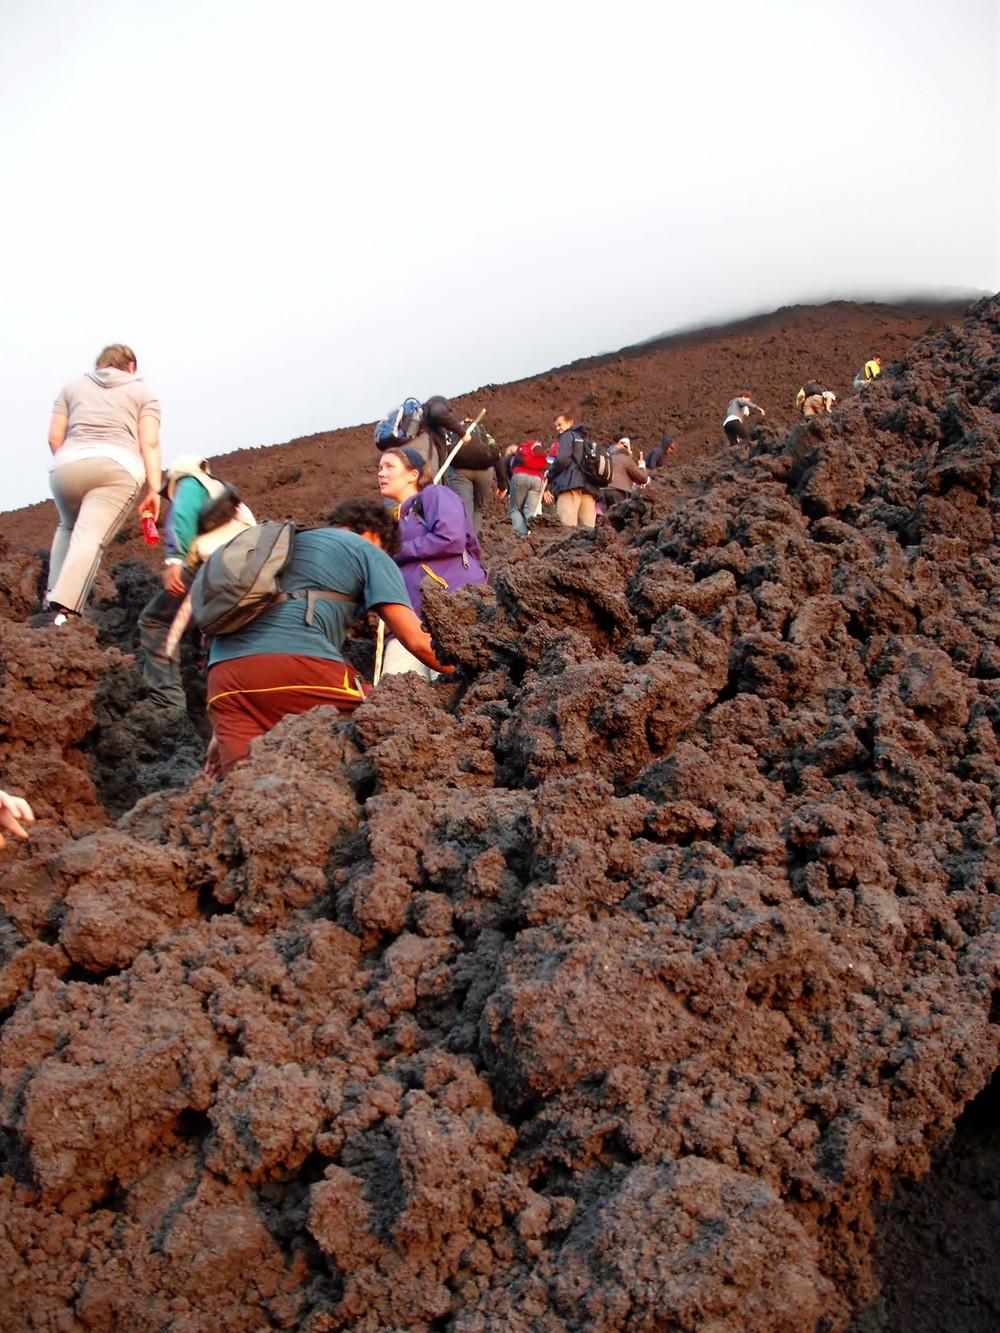 世界一周・グアテマラ・パカヤ火山観光_18.jpg